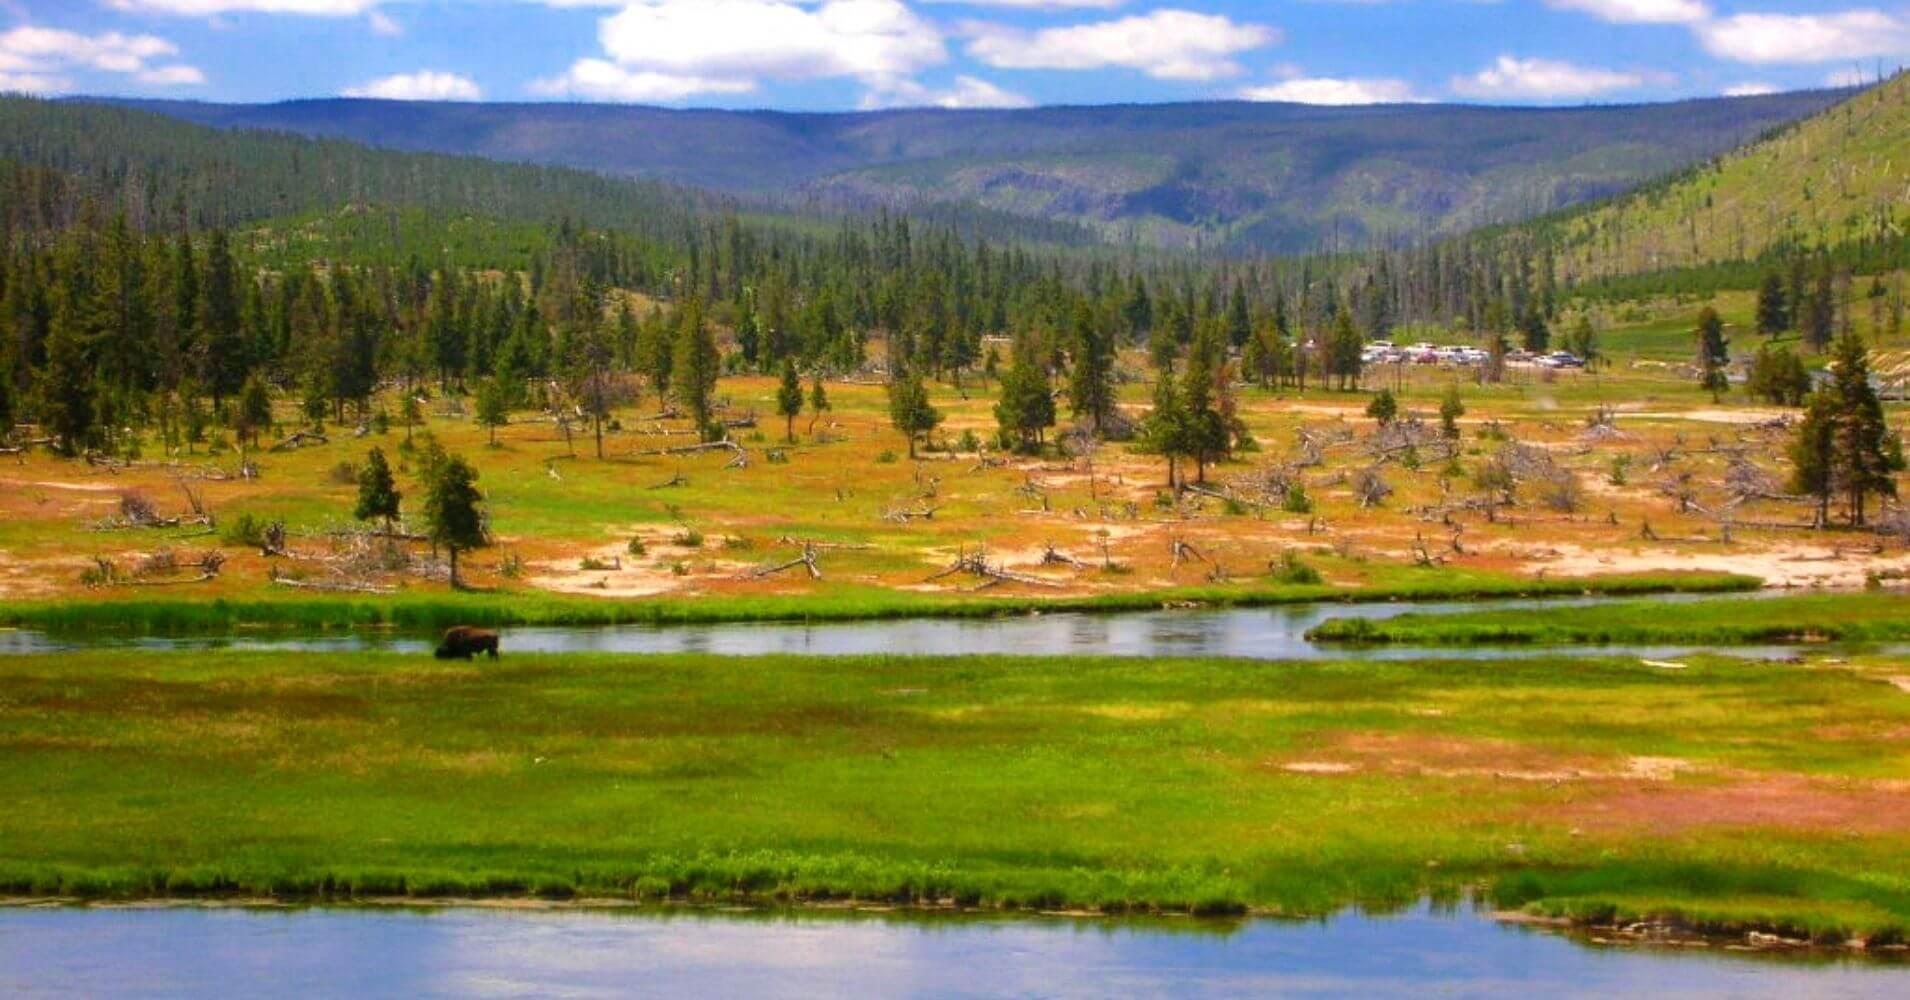 Paisajes del Parque Nacional de Yellowstone. Wyoming, Estados Unidos.